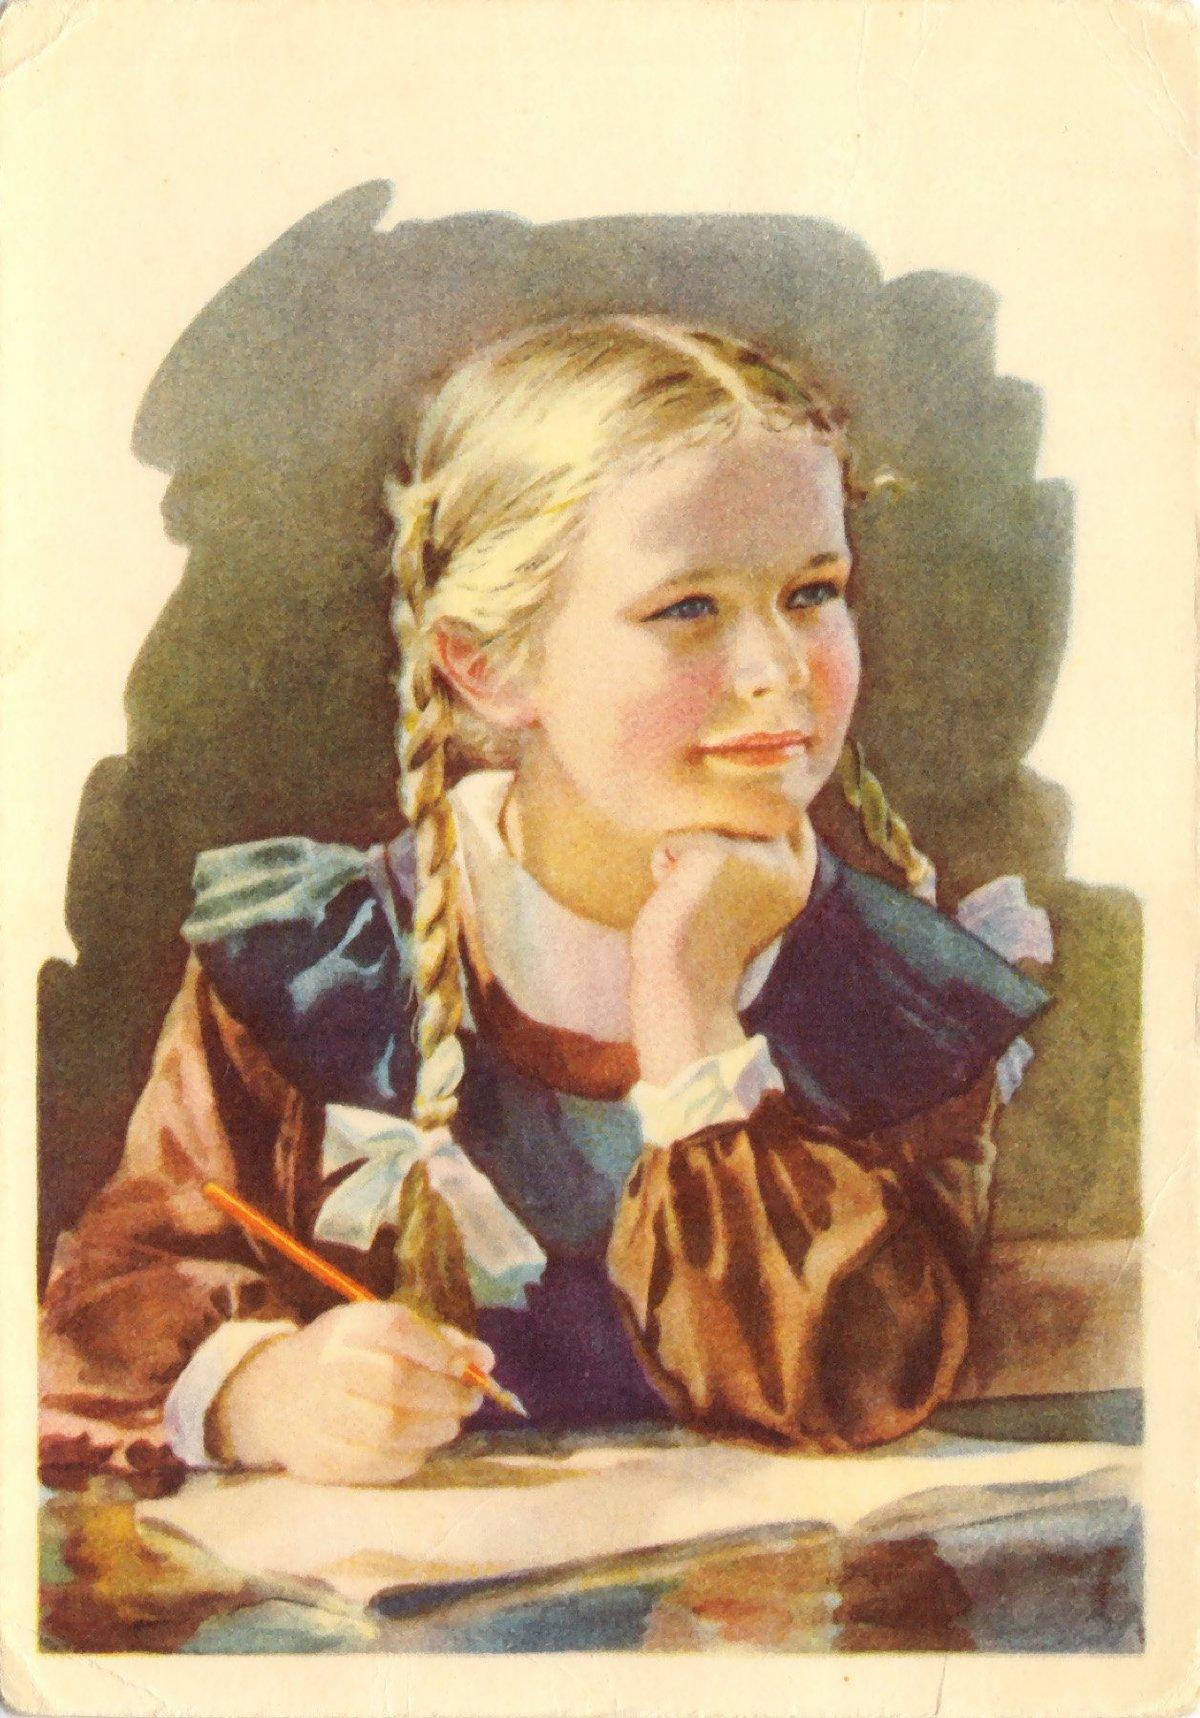 Ссср открытки про школу, что есть картинки